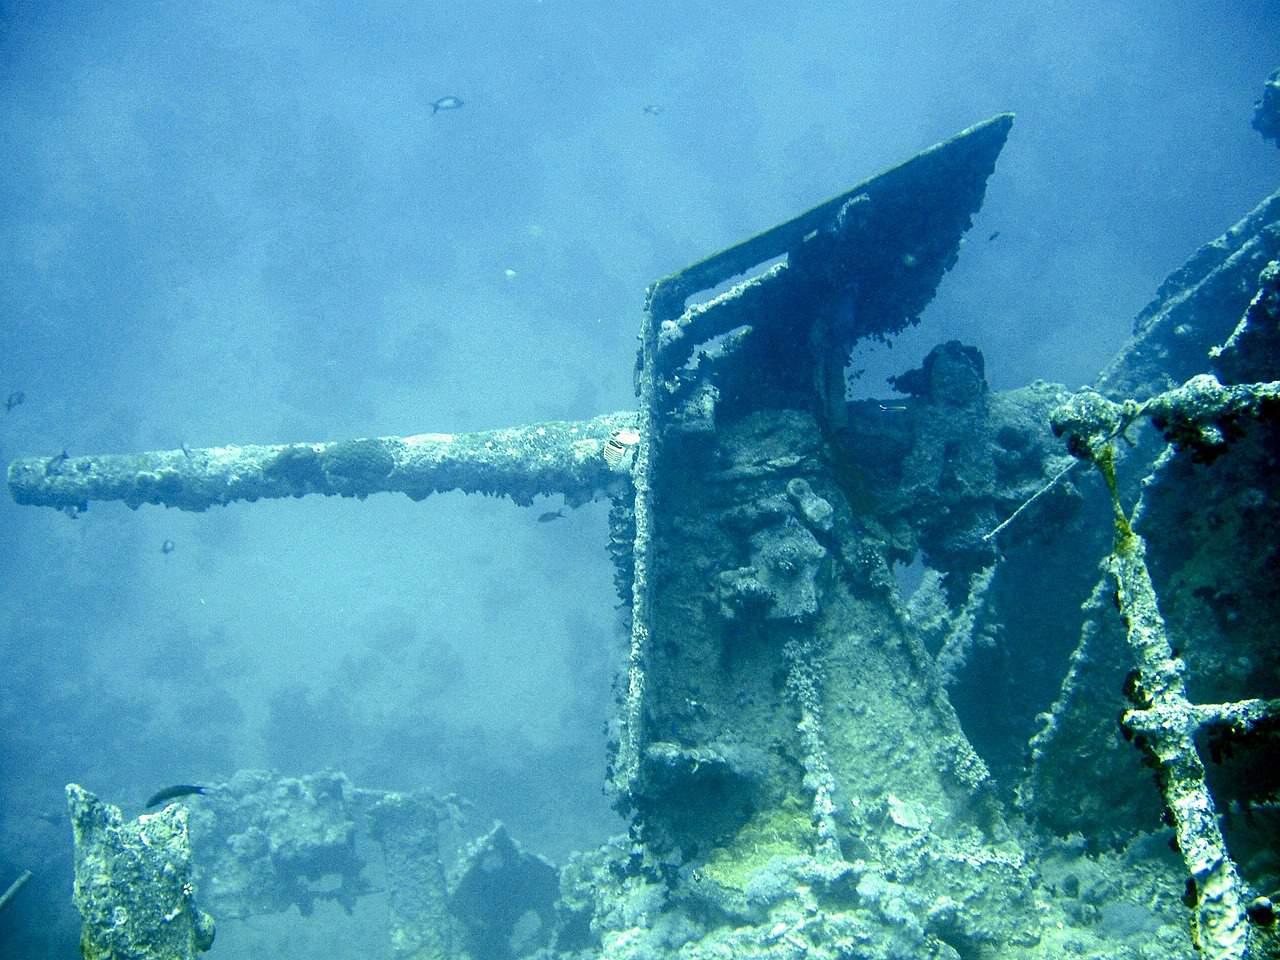 debris under water